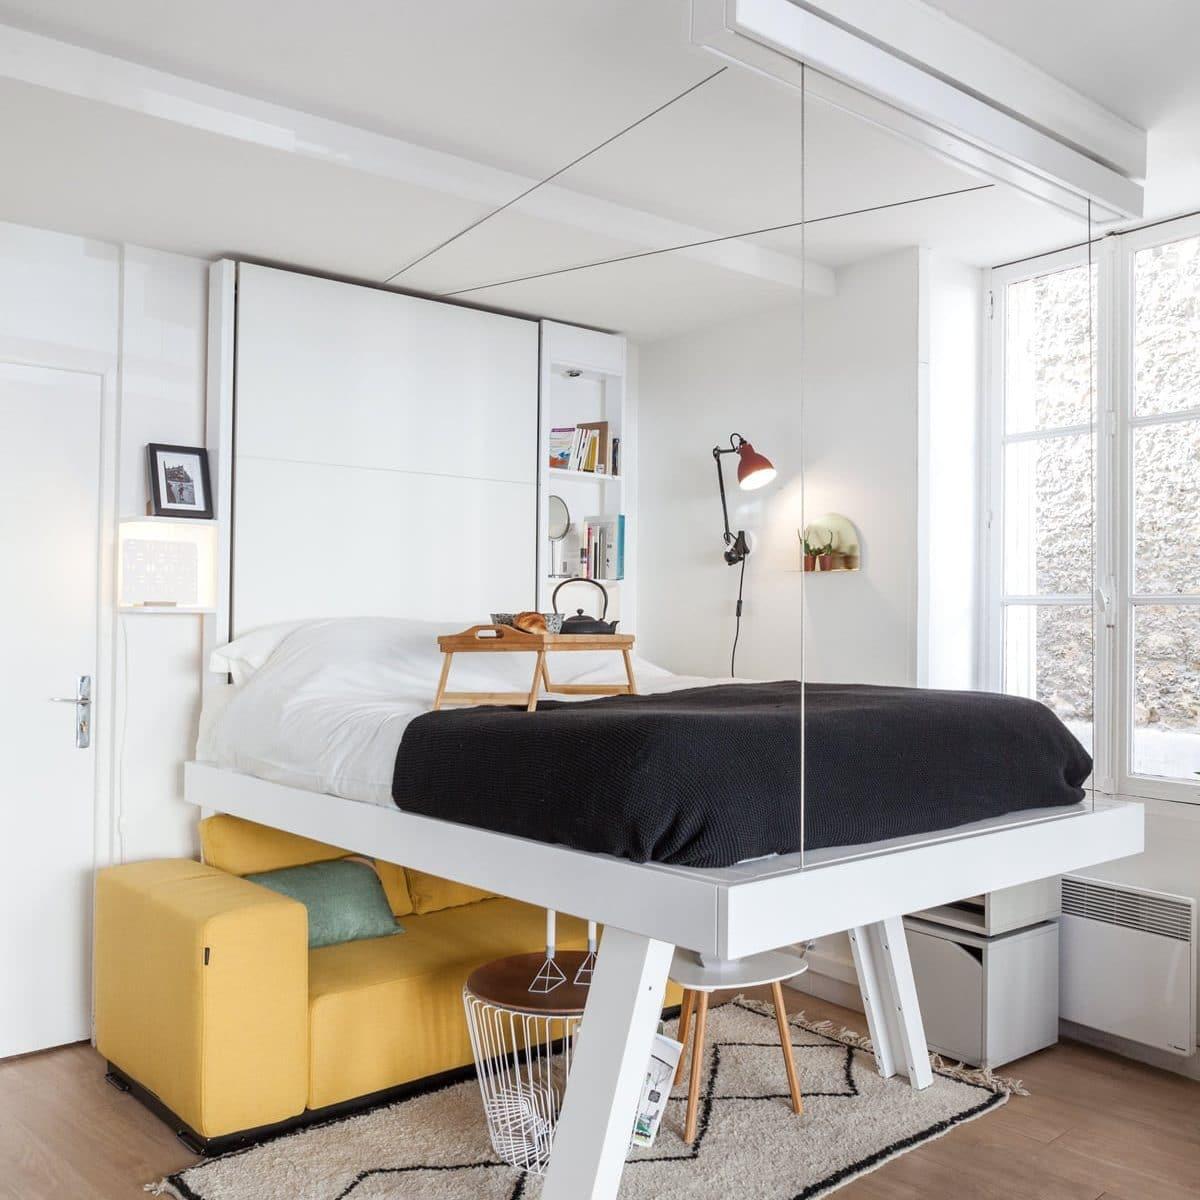 Lit Suspendu Vision : Design Et Gain De Place - Bedup® dedans Lit Suspendu